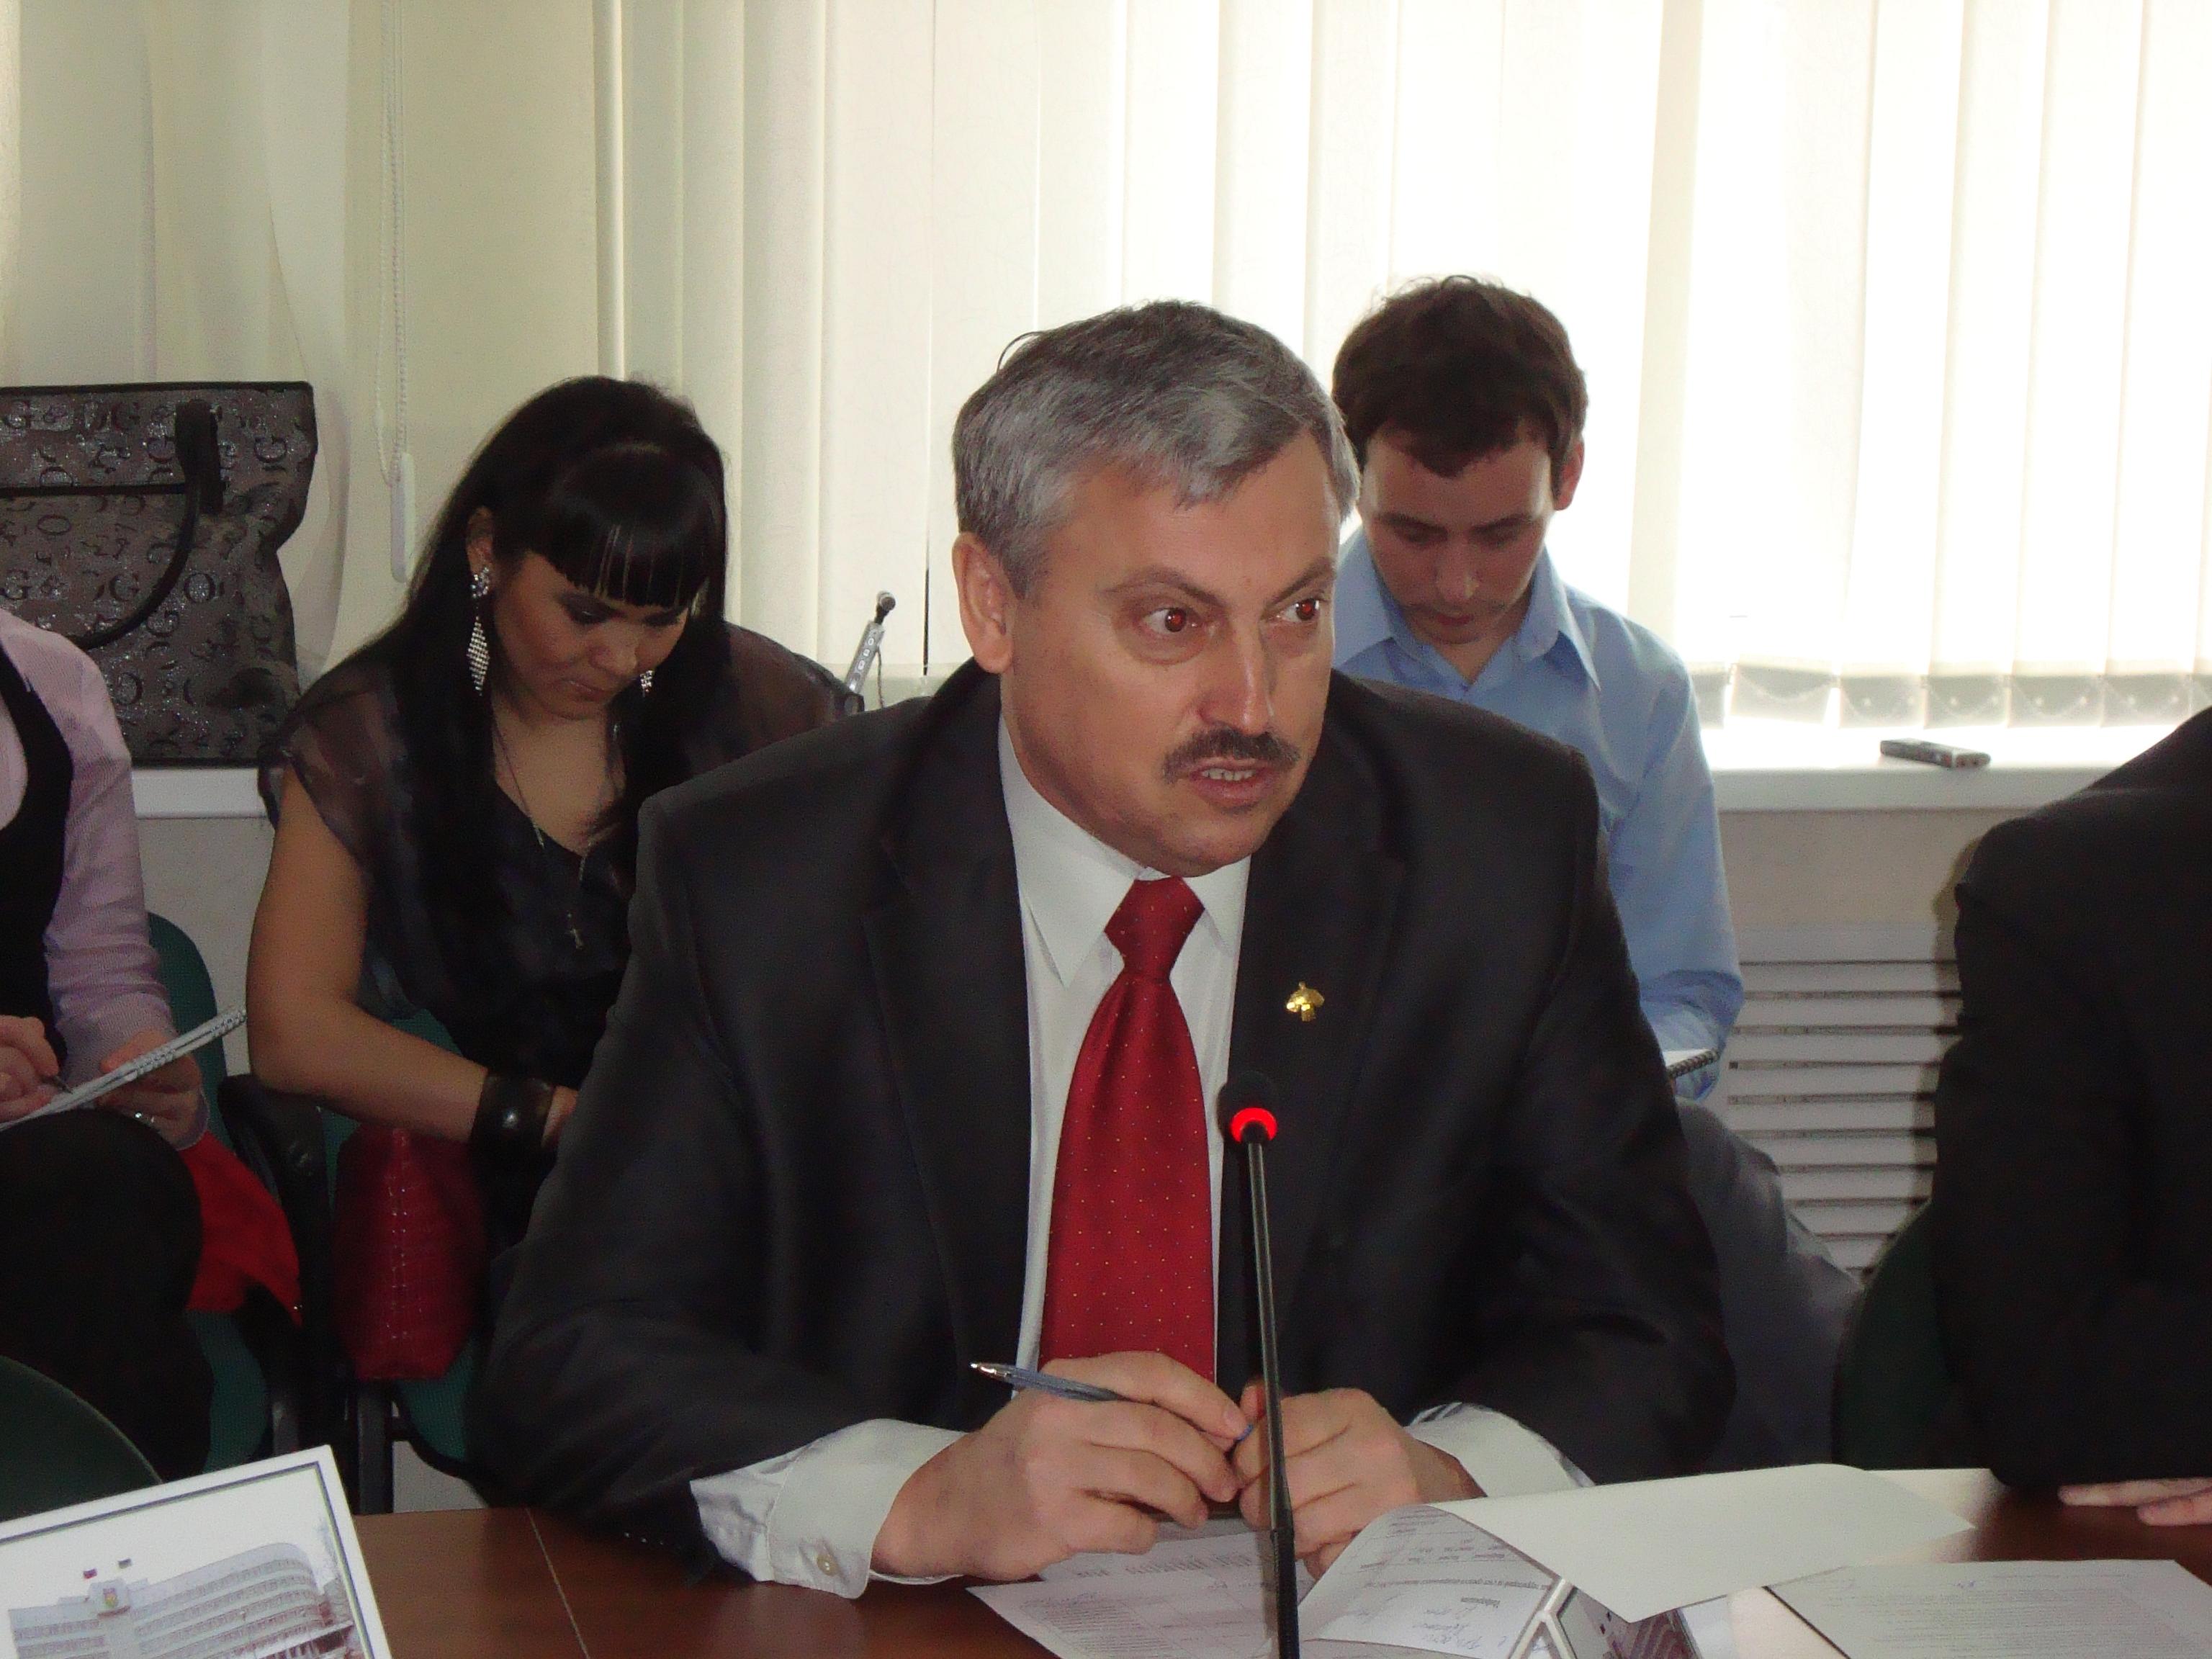 437 млн. рублей уйдет на ремонт дорог и дворов в Сыктывкаре этим летом